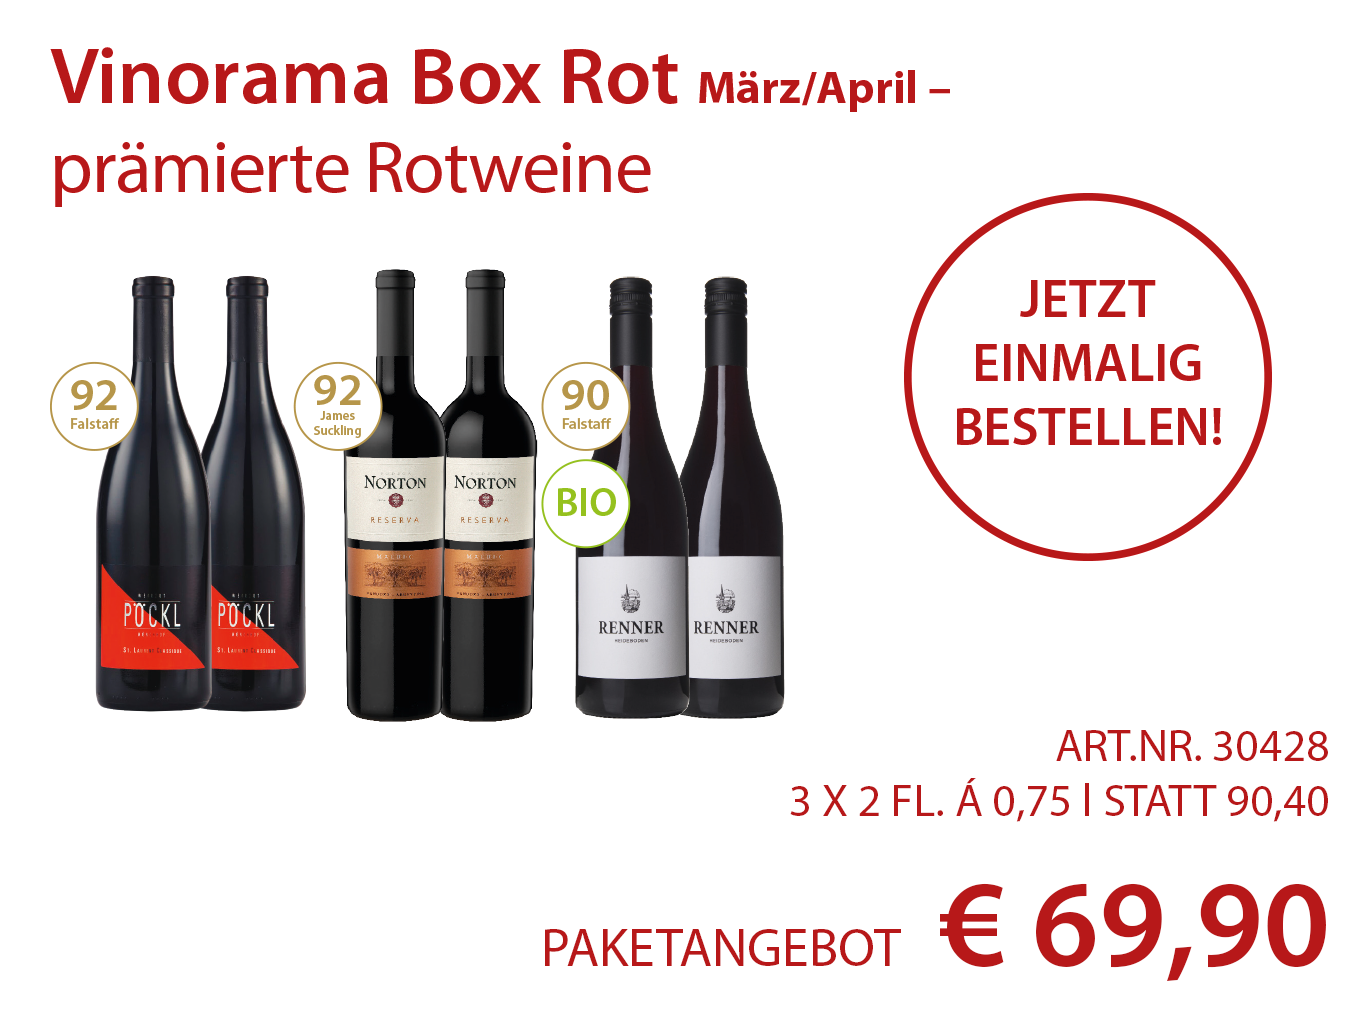 Vinorama Box Rot Paket